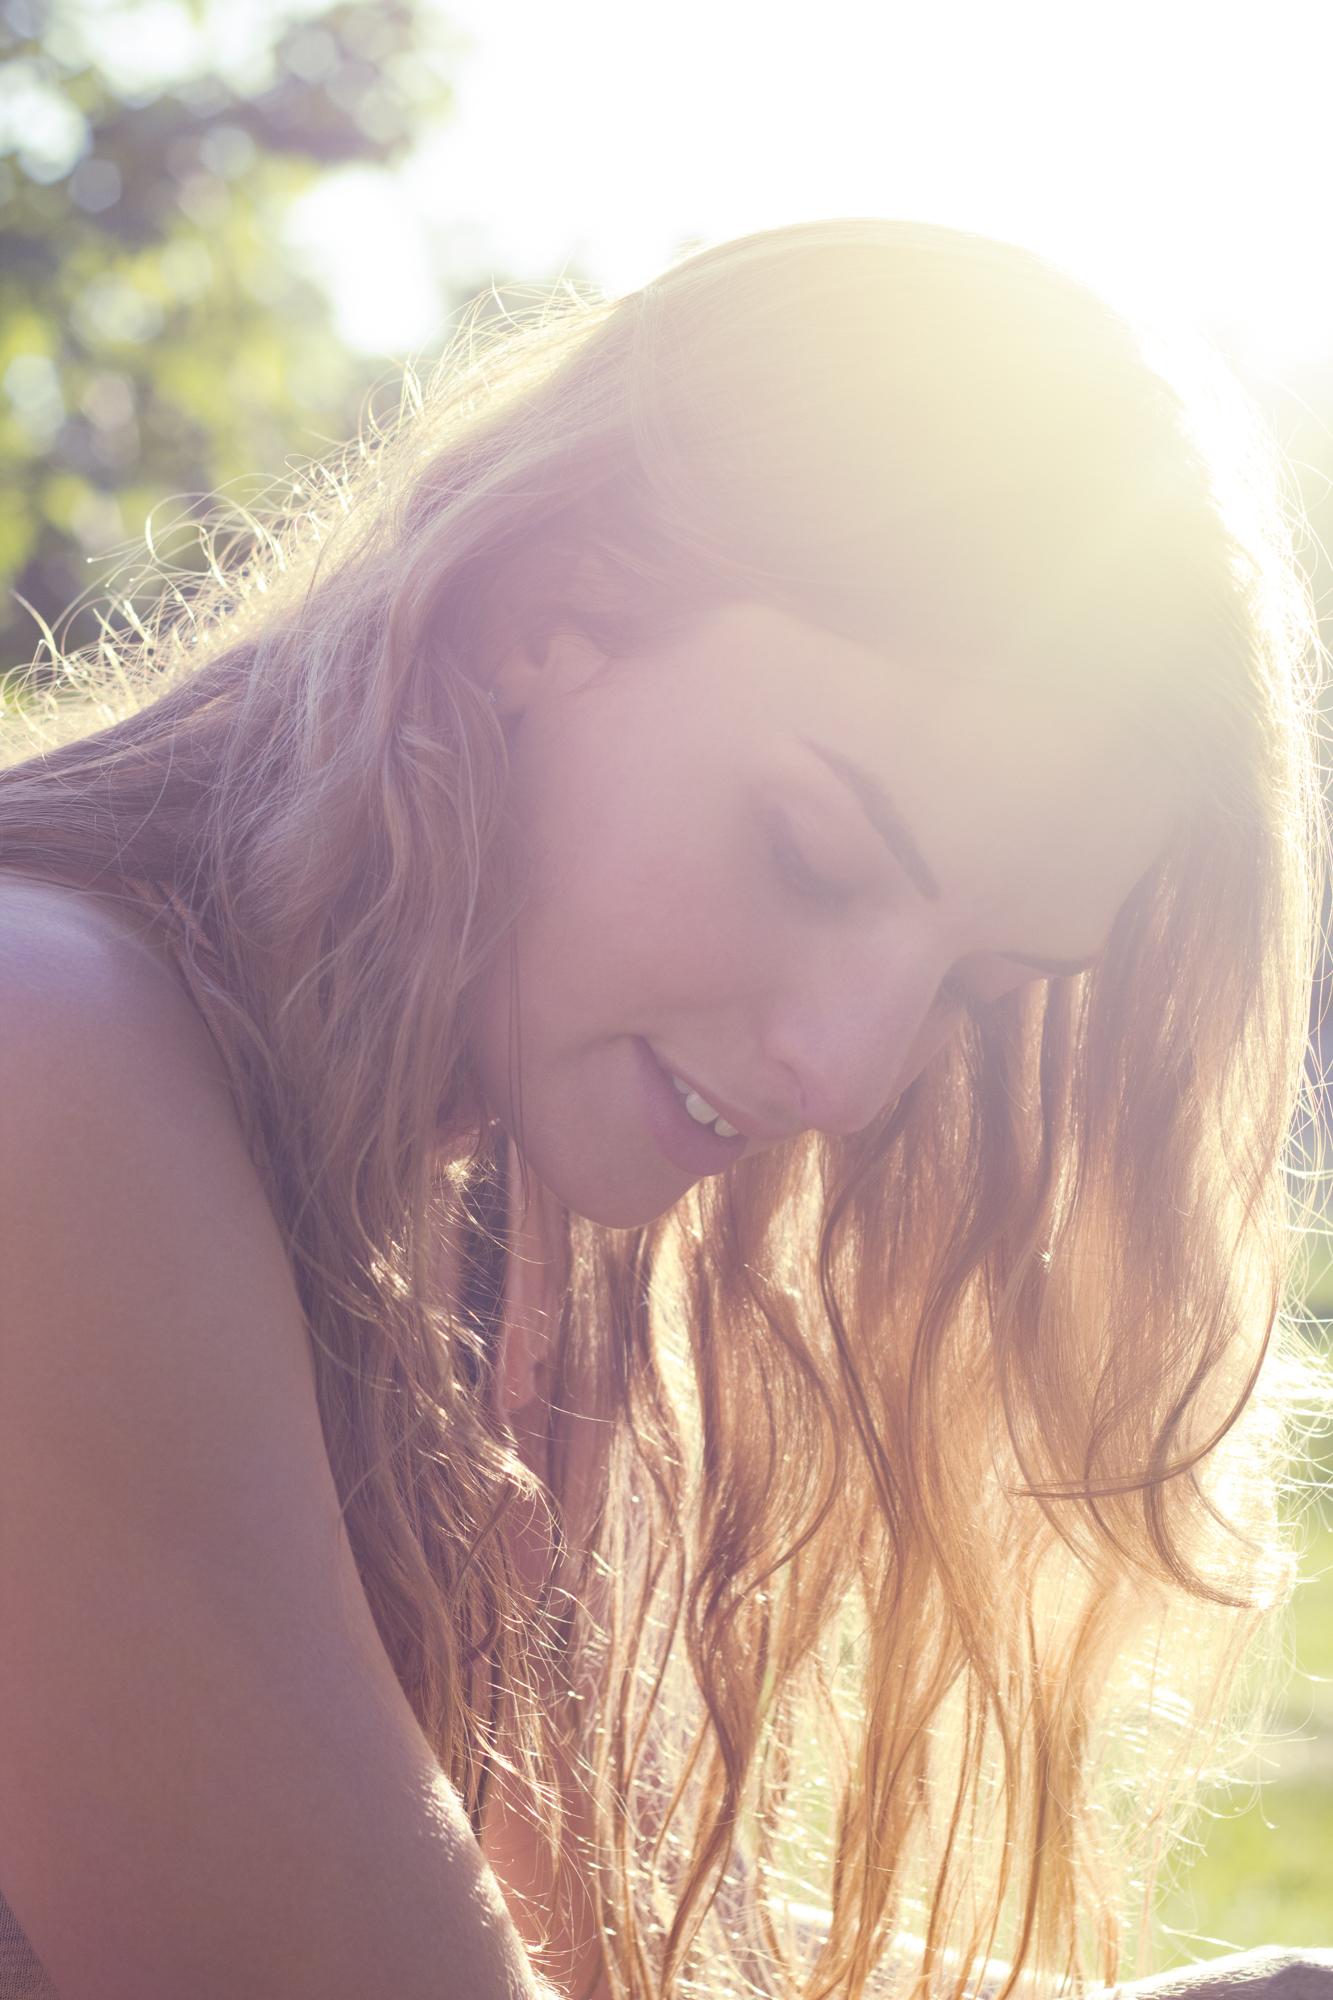 Felicia_summer.jpg